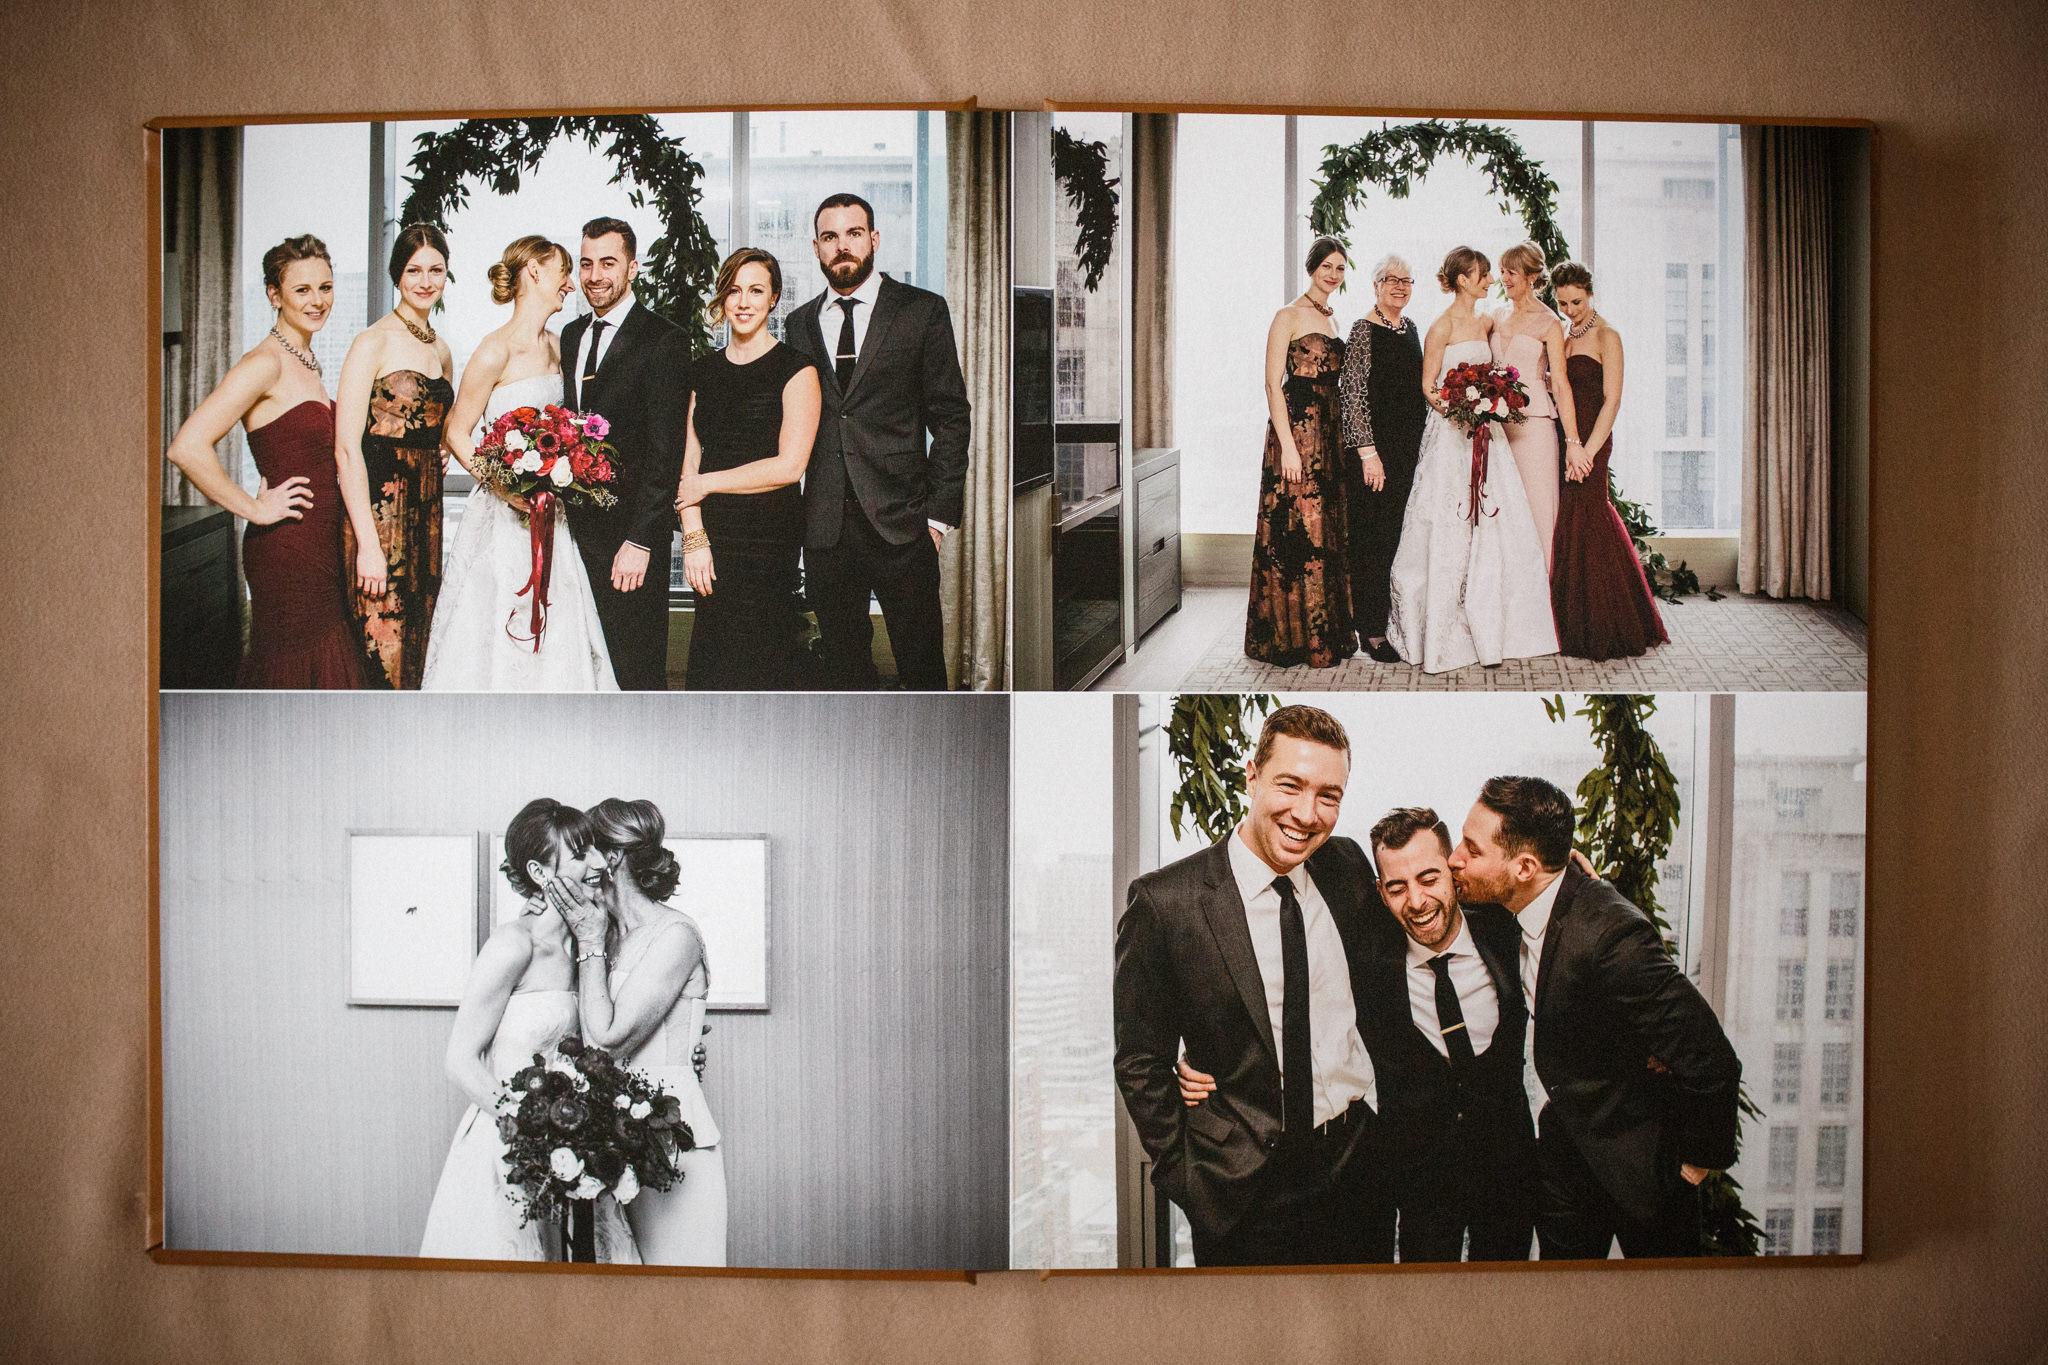 DanijelaWeddings-album-wedding-photos-Toronto-22.JPG